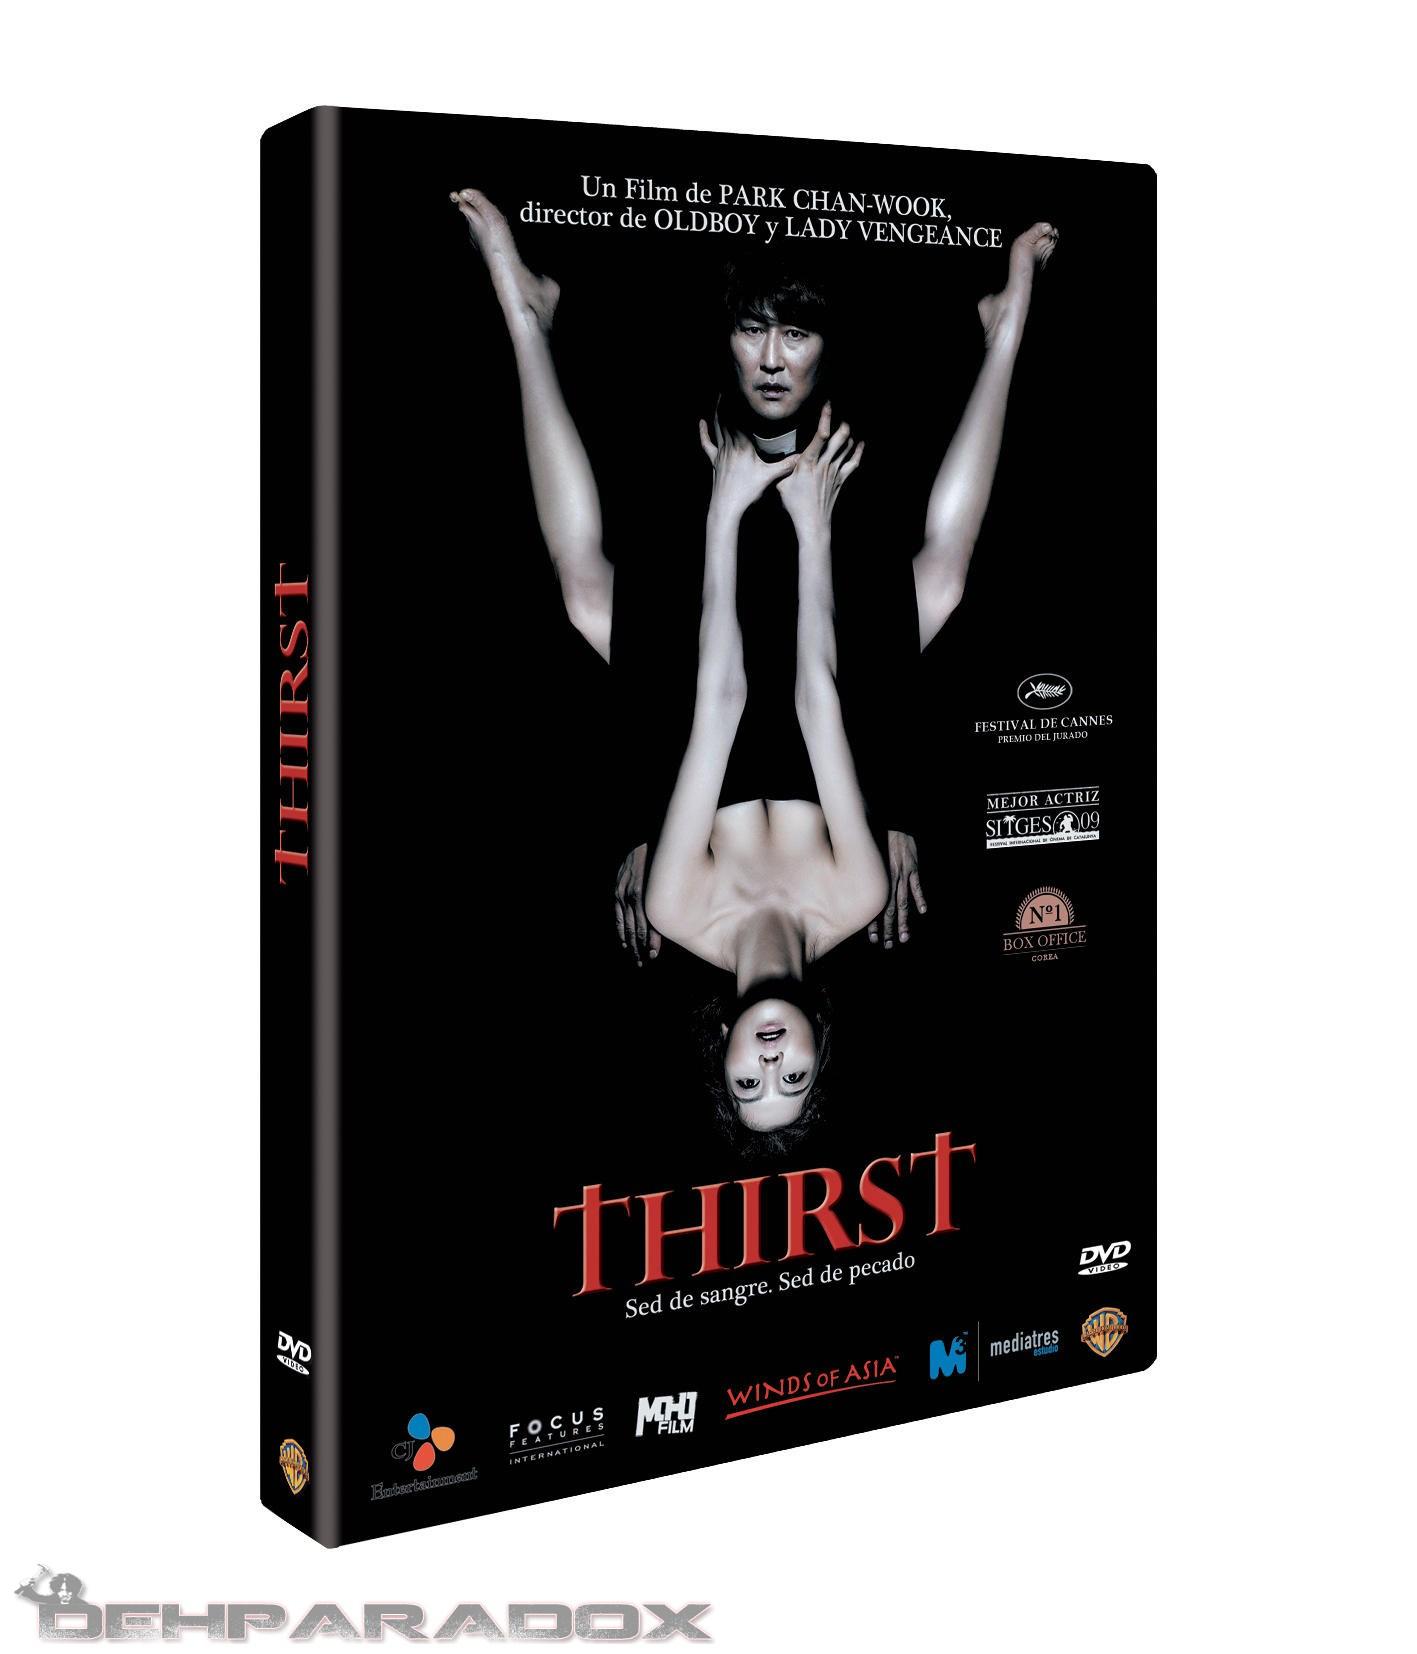 Thirst, de Park Chan-wook a la venta el proximo 13 de Septiembre